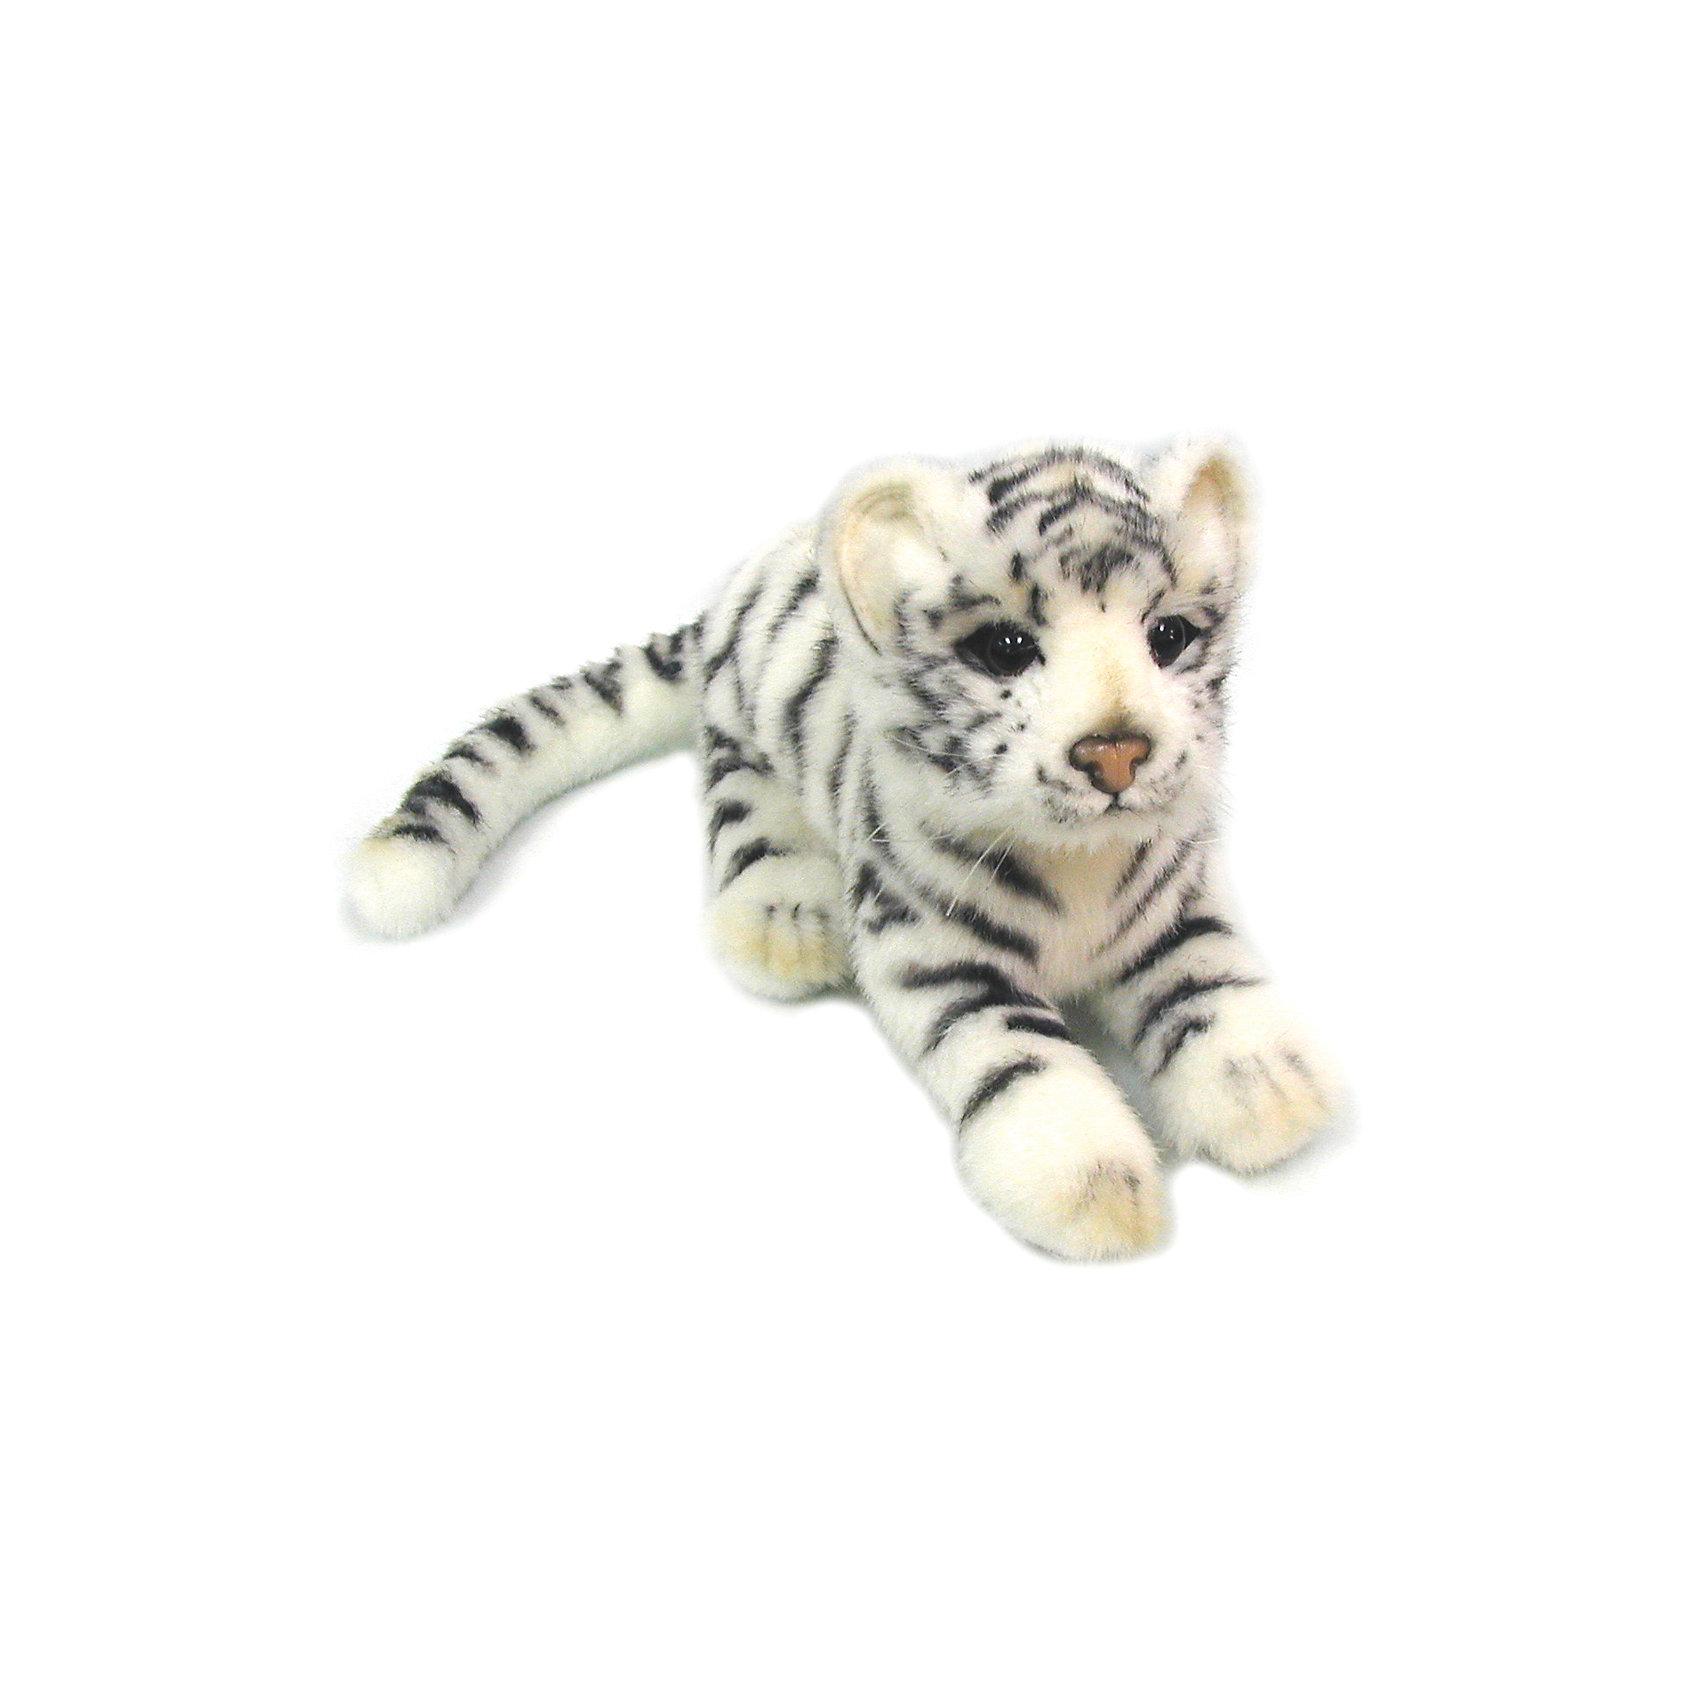 Детеныш белого тигра,  26 смЗвери и птицы<br>Детеныш белого тигра,  26 см – игрушка от знаменитого бренда Hansa, специализирующегося на выпуске мягких игрушек с высокой степенью натуралистичности. Внешний вид игрушечного тигренка полностью соответствует реальному прототипу – детенышу бенгальского тигра. Он выполнен из искусственного меха белого цвета с ворсом средней длины и черными полосками. Использованные материалы обладают гипоаллергенными свойствами. Внутри игрушки имеется металлический каркас, позволяющий изменять положение. <br>Игрушка относится к серии Дикие животные. <br>Мягкие игрушки от Hansa подходят для сюжетно-ролевых игр, для обучающих игр, направленных на знакомство с животным миром дикой природы. Кроме того, их можно использовать в качестве интерьерных игрушек. Коллекция из нескольких игрушек позволяет создать свой домашний зоопарк, который будет радовать вашего ребенка долгое время, так как ручная работа и качественные материалы гарантируют их долговечность и прочность.<br><br>Дополнительная информация:<br><br>- Вид игр: сюжетно-ролевые игры, коллекционирование, интерьерные игрушки<br>- Предназначение: для дома, для детских развивающих центров, для детских садов<br>- Материал: искусственный мех, наполнитель ? полиэфирное волокно<br>- Размер (ДхШхВ): 26*16*11 см<br>- Вес: 200 г<br>- Особенности ухода: сухая чистка при помощи пылесоса или щетки для одежды<br><br>Подробнее:<br><br>• Для детей в возрасте: от 3 лет <br>• Страна производитель: Филиппины<br>• Торговый бренд: Hansa<br><br>Детеныш белого тигра,  26 см можно купить в нашем интернет-магазине.<br><br>Ширина мм: 26<br>Глубина мм: 16<br>Высота мм: 11<br>Вес г: 200<br>Возраст от месяцев: 36<br>Возраст до месяцев: 2147483647<br>Пол: Унисекс<br>Возраст: Детский<br>SKU: 4927177